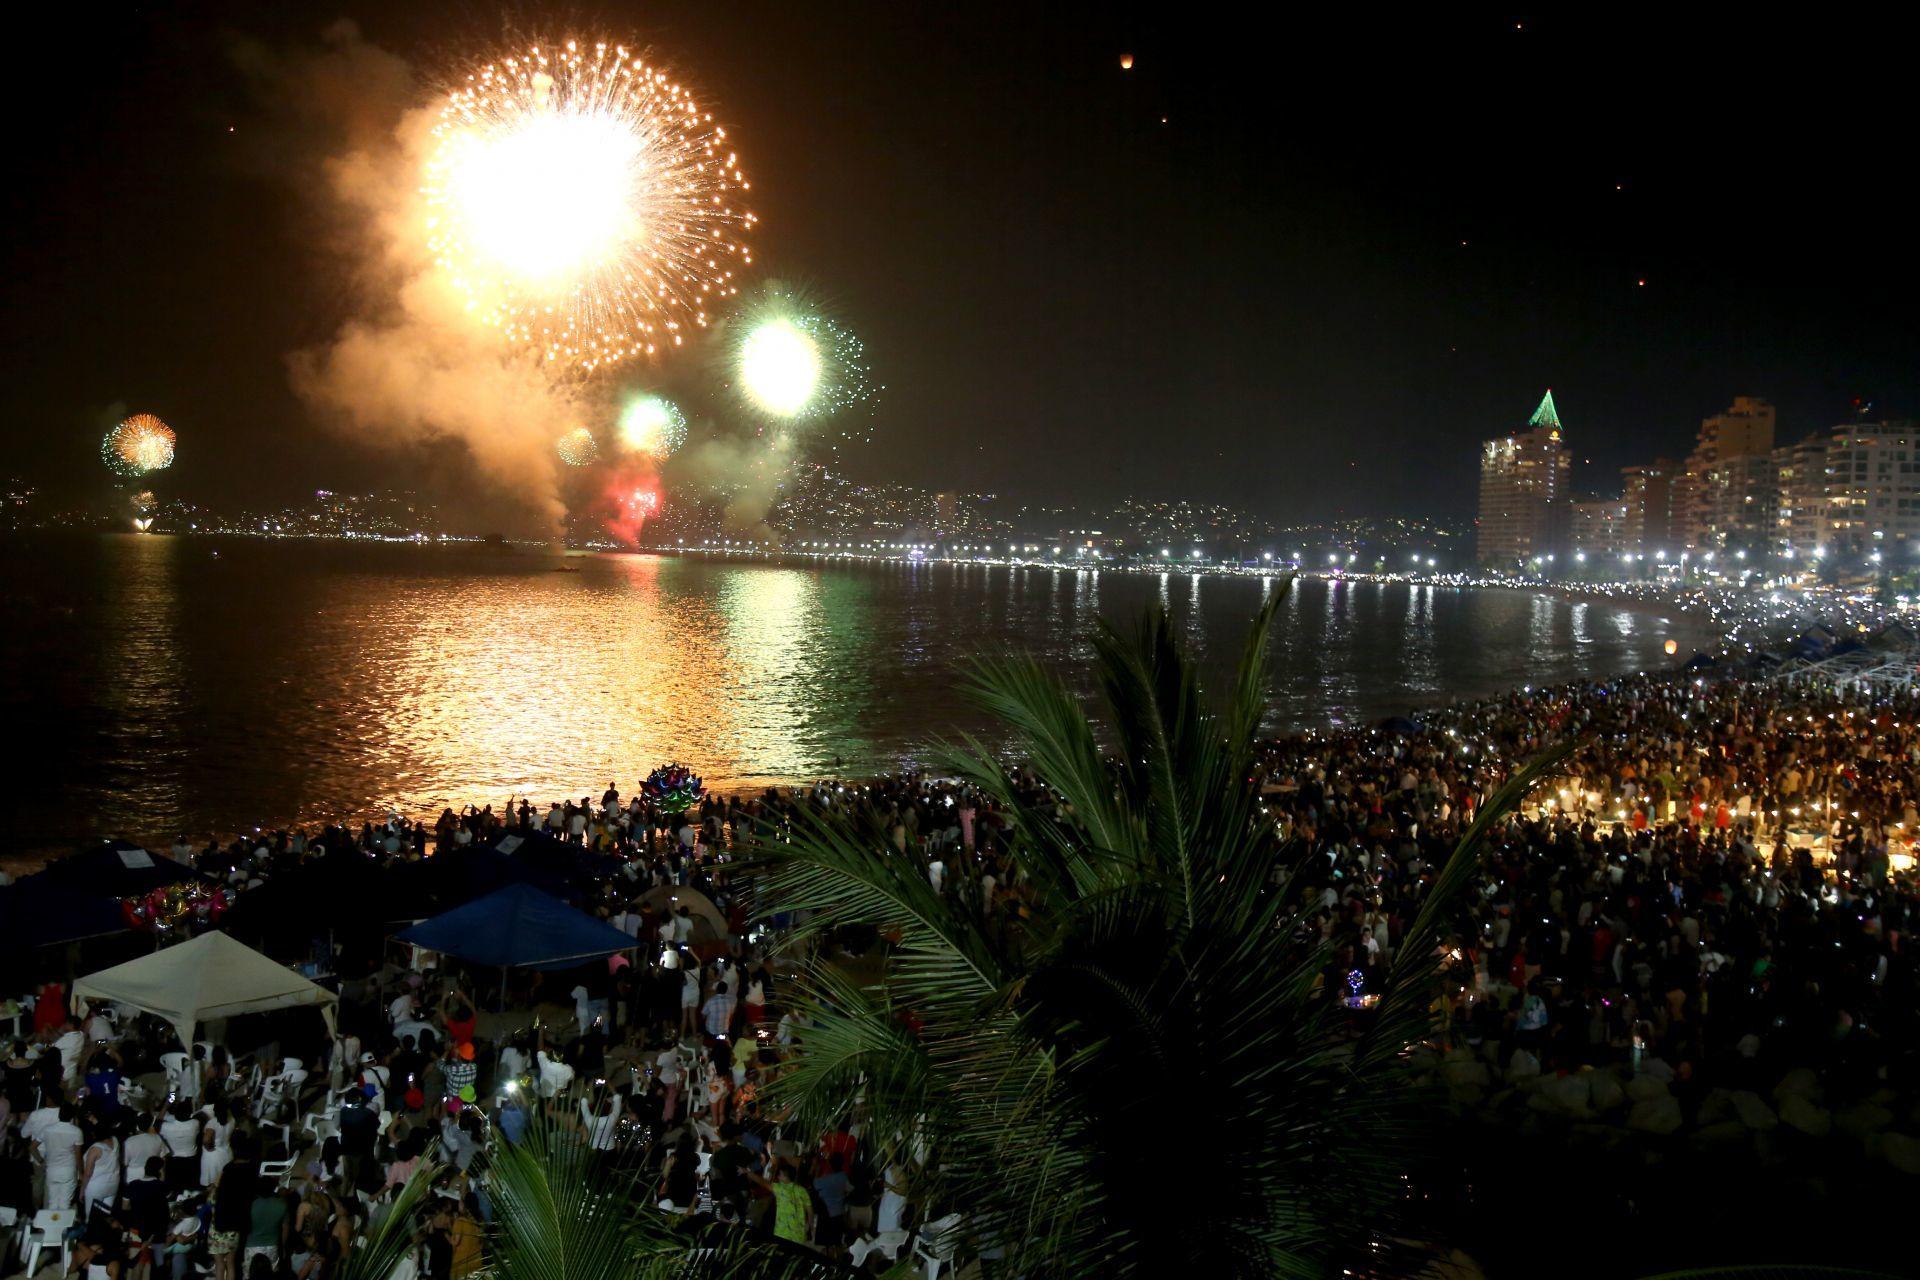 ACAPULCO, GUERRERO, 01ENERO2019.- Miles de personas llenaron las playas del puerto de Acapulco, para observar la gala pirotécnica de año nuevo. FOTO: CARLOS ALBERTO CARBAJAL /CUARTOSCURO.COM